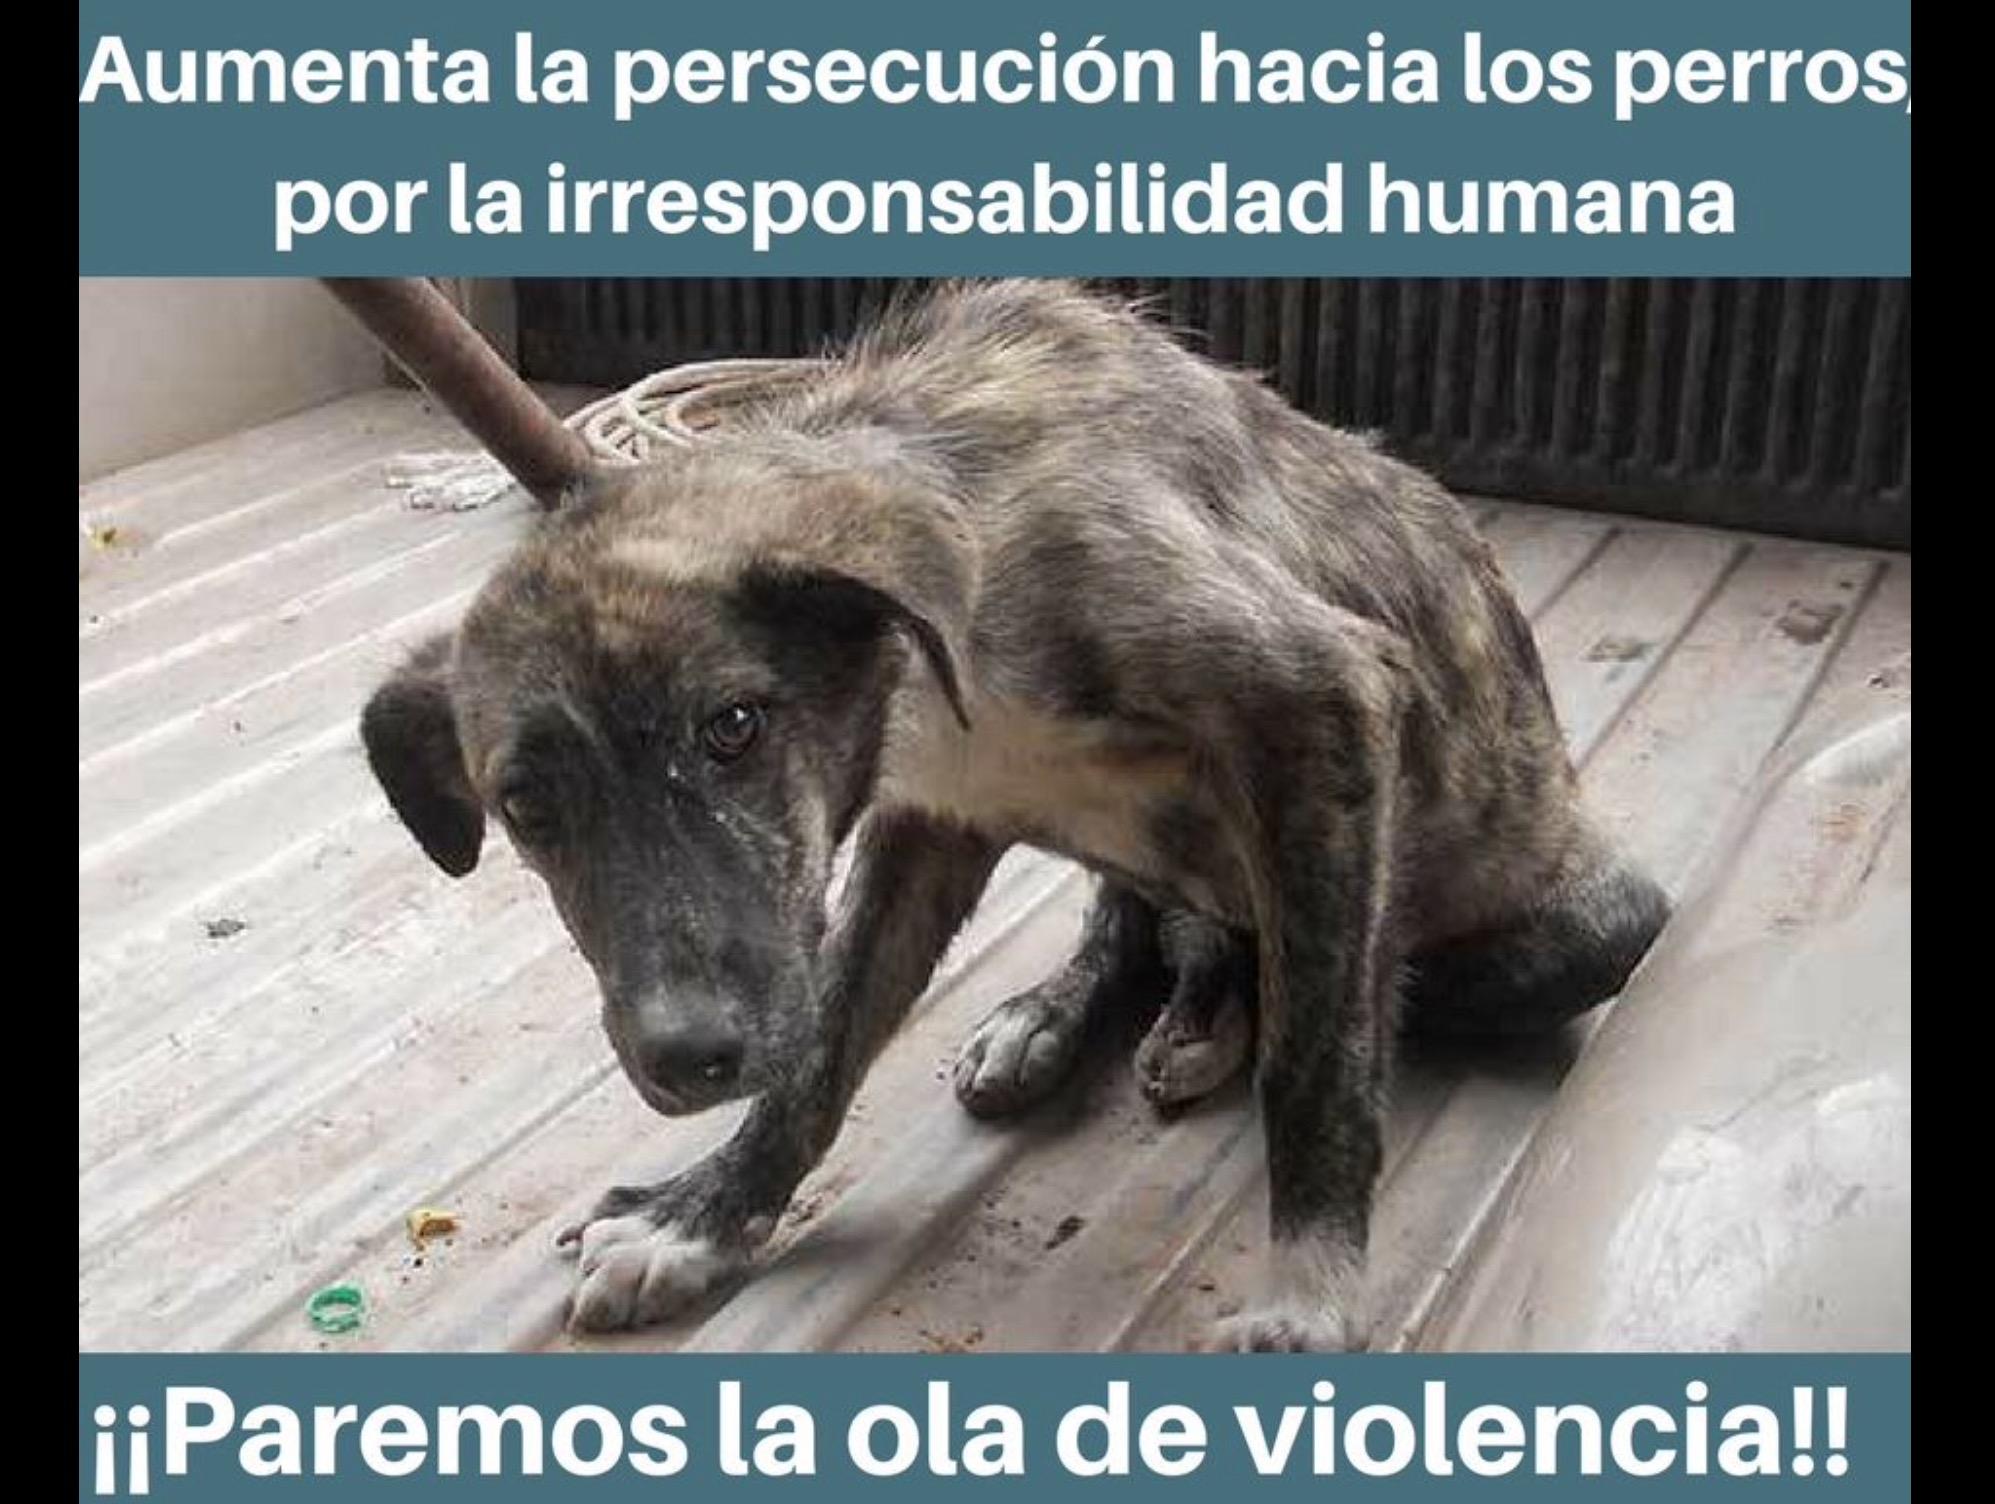 Matanzas de perros en Toluca y Metepec; autoridades lo toleran